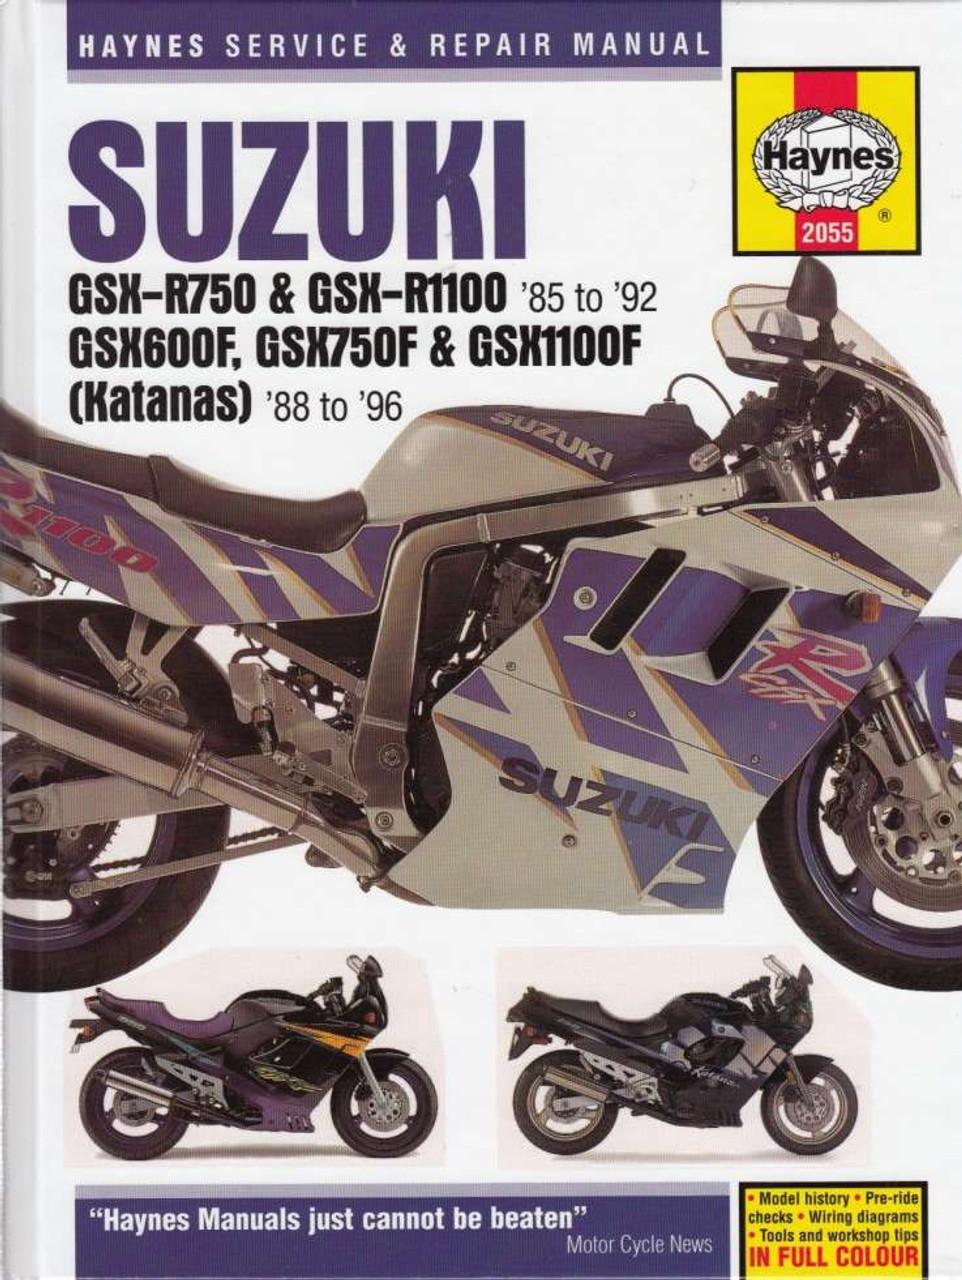 suzuki gsx r gsx f katanas 1988 1996 workshop manual rh automotobookshop com au 1998 Suzuki Katana 600 Specs Suzuki Katana 600 Accessories